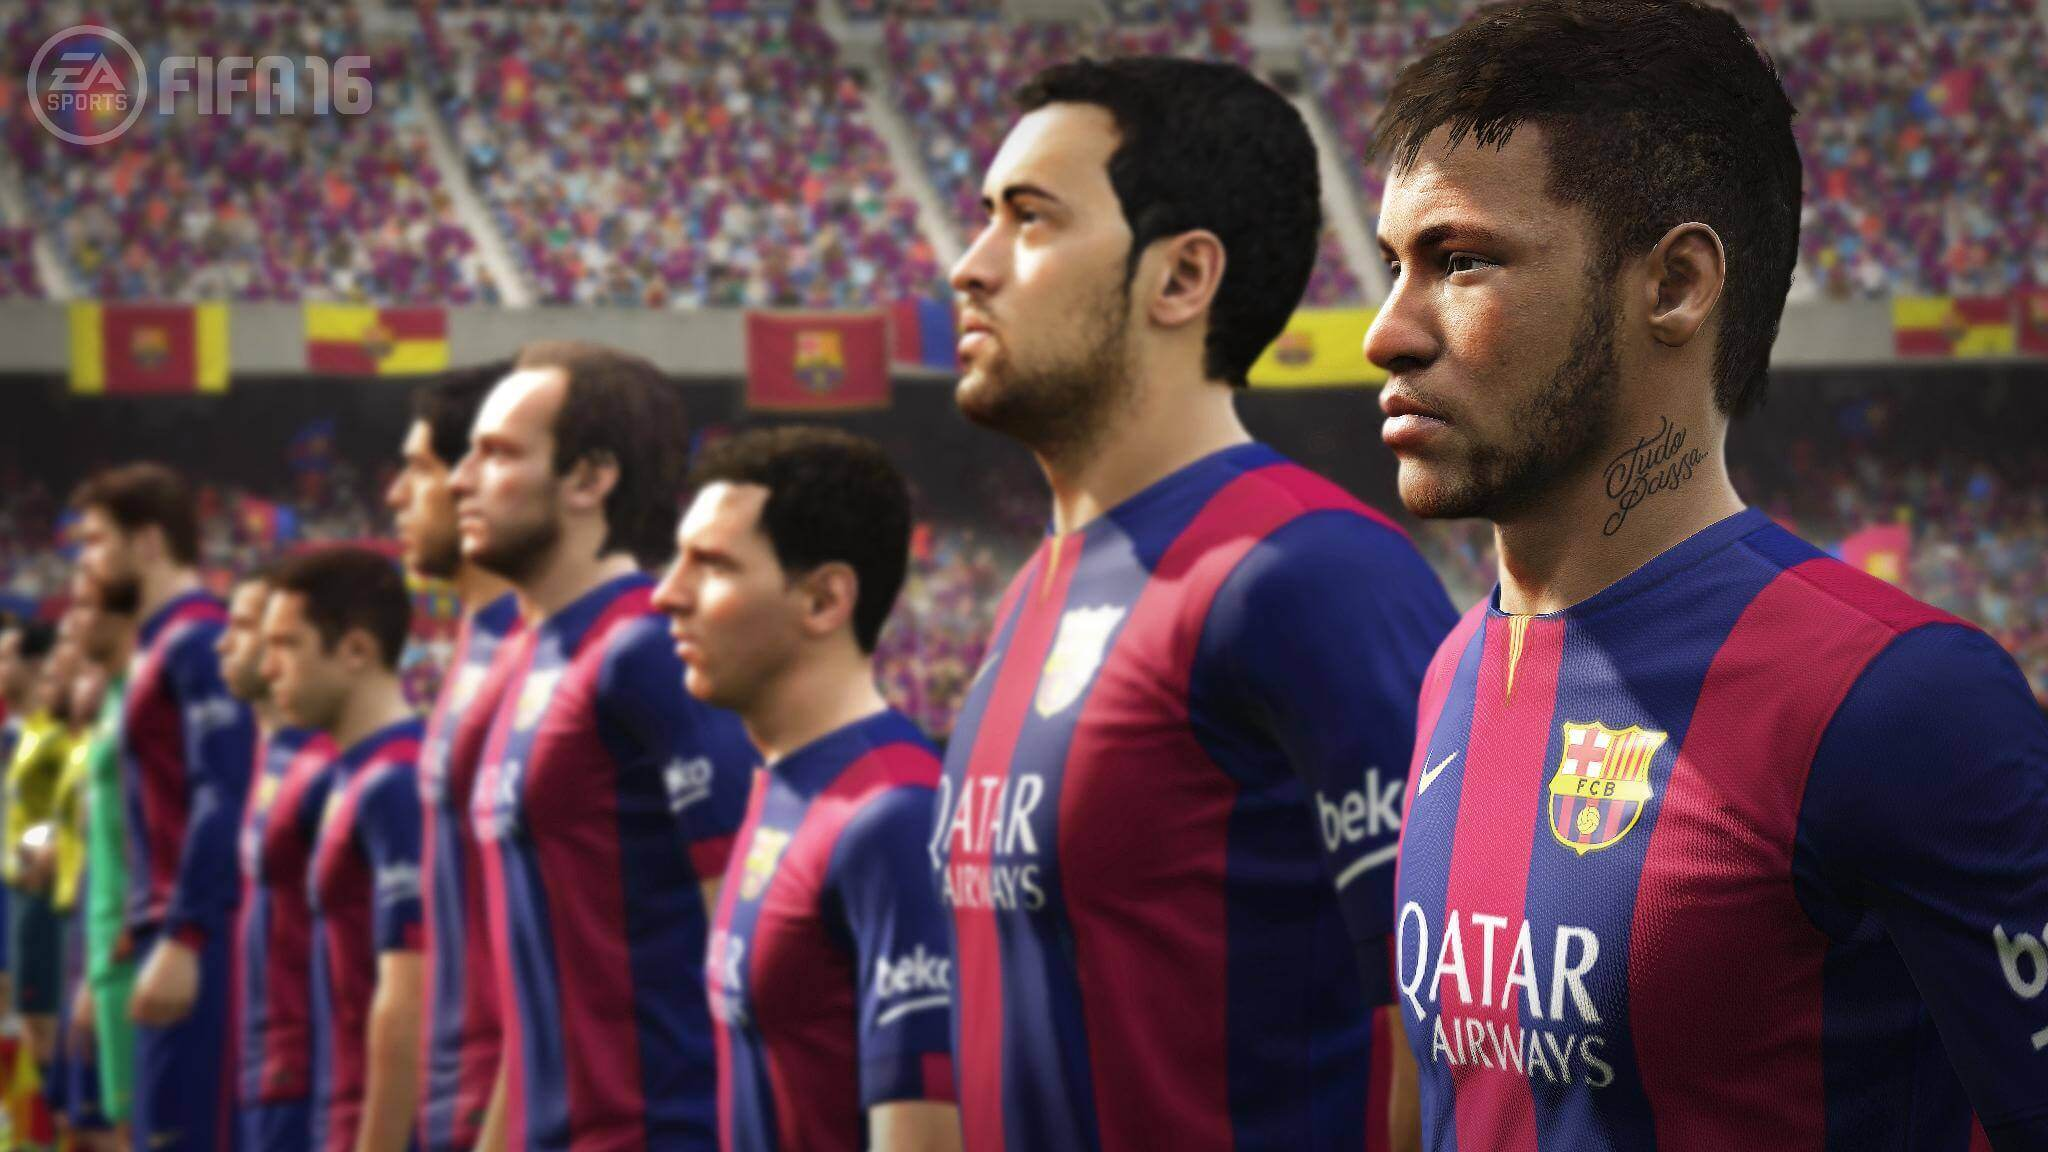 FIFA 16: FUT – Team of the Year Cup gestartet und spezielle TOTY-Sets verfügbar